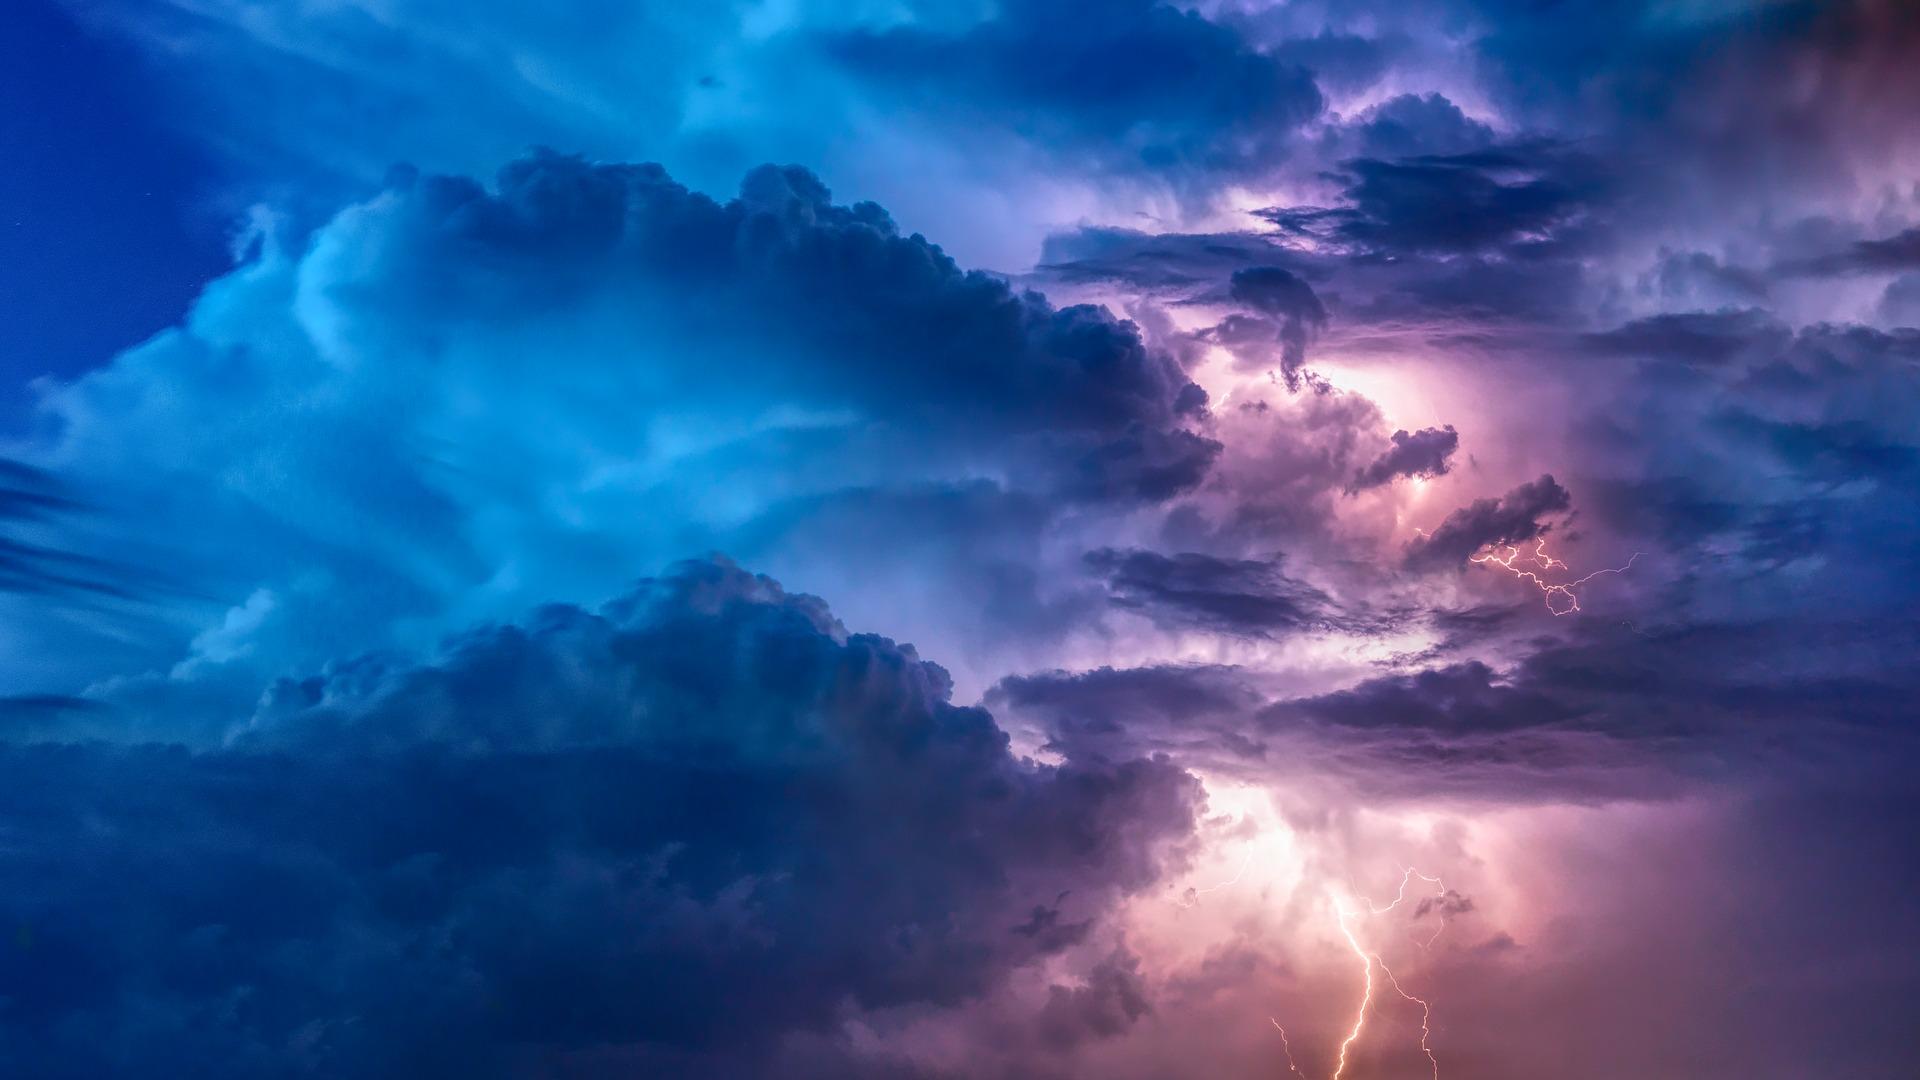 thunderstorm-3625405_1920.jpg